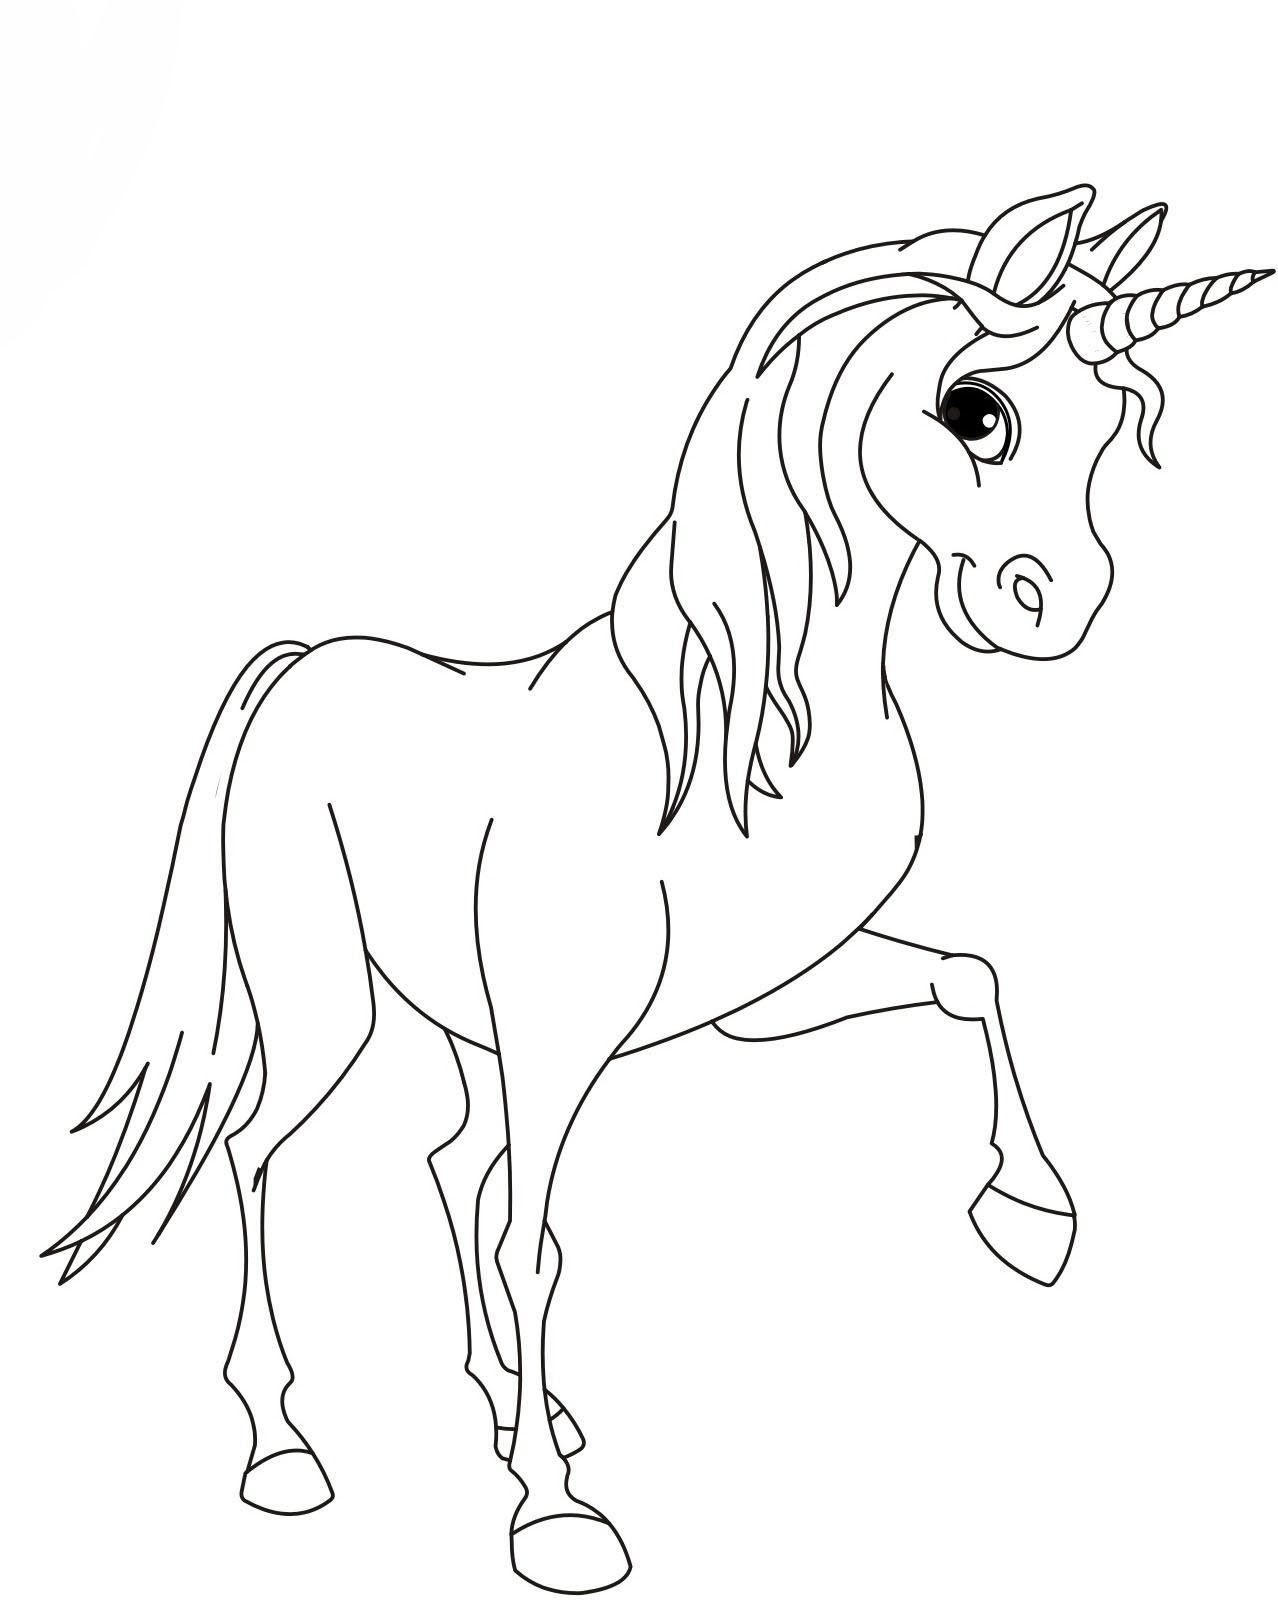 Das Ausmalen fördert das Farbempfinden Hier können Sie Ausmalbilder von Pegasus Pferd kostenlos ausdrucken Malvorlagen für Kinder